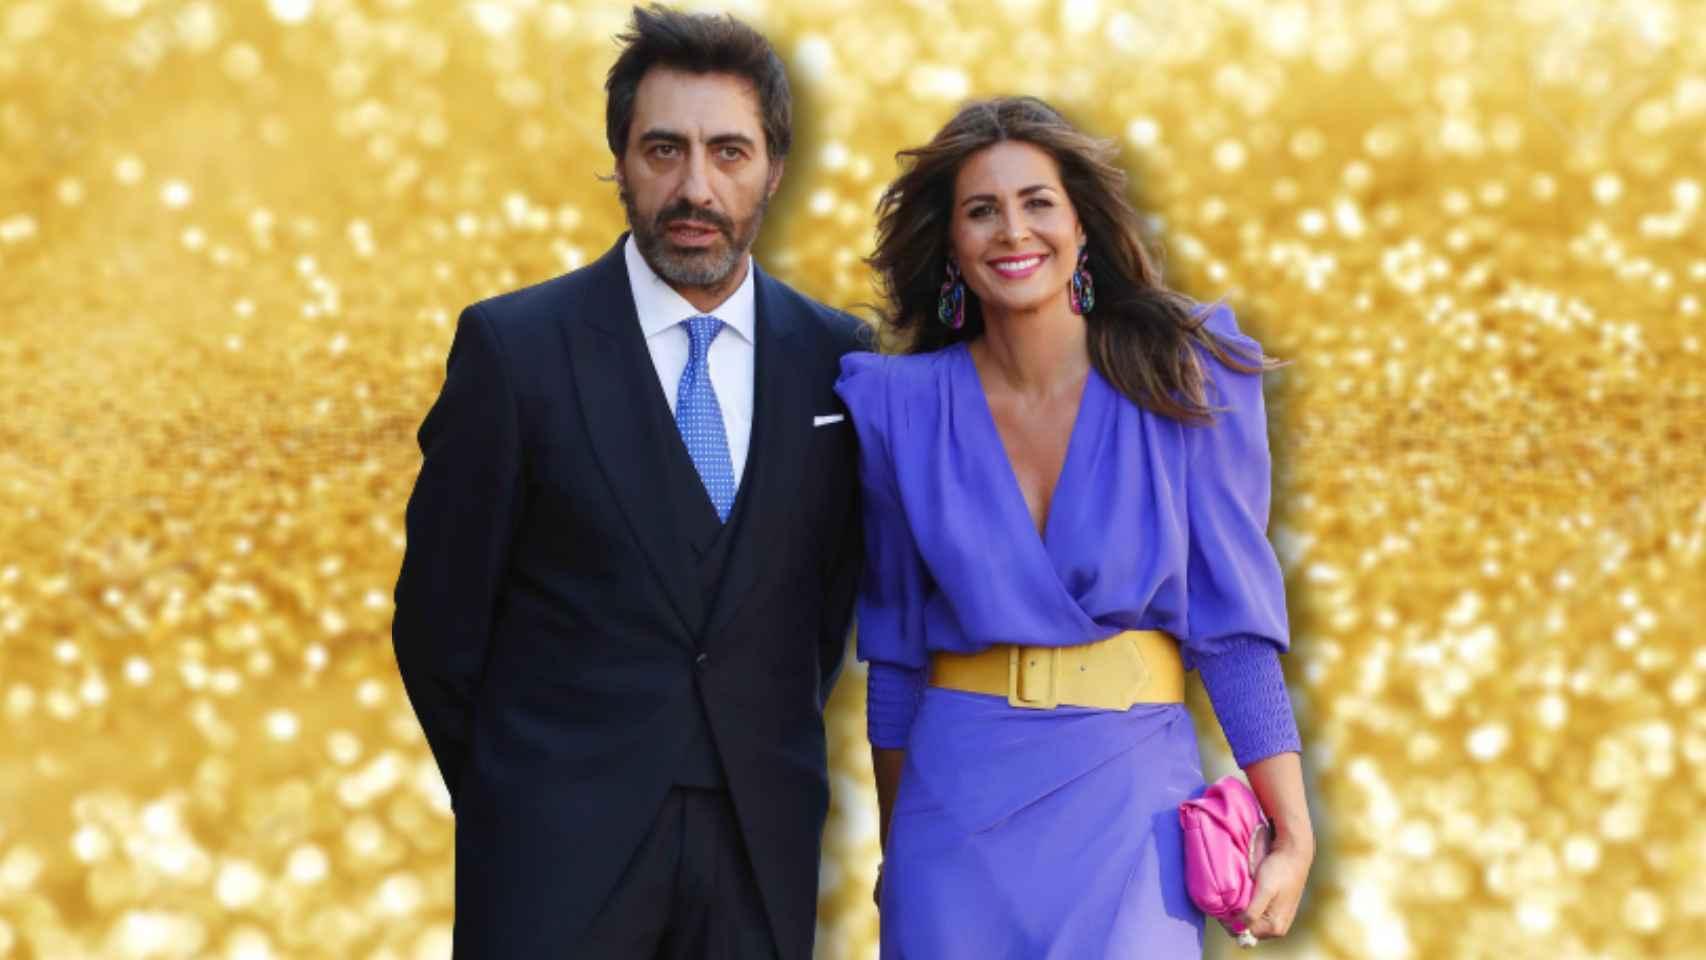 Nuria Roca y Juan del Val se han convertido en una de las parejas mediáticas más exitosas de los últimos tiempos.